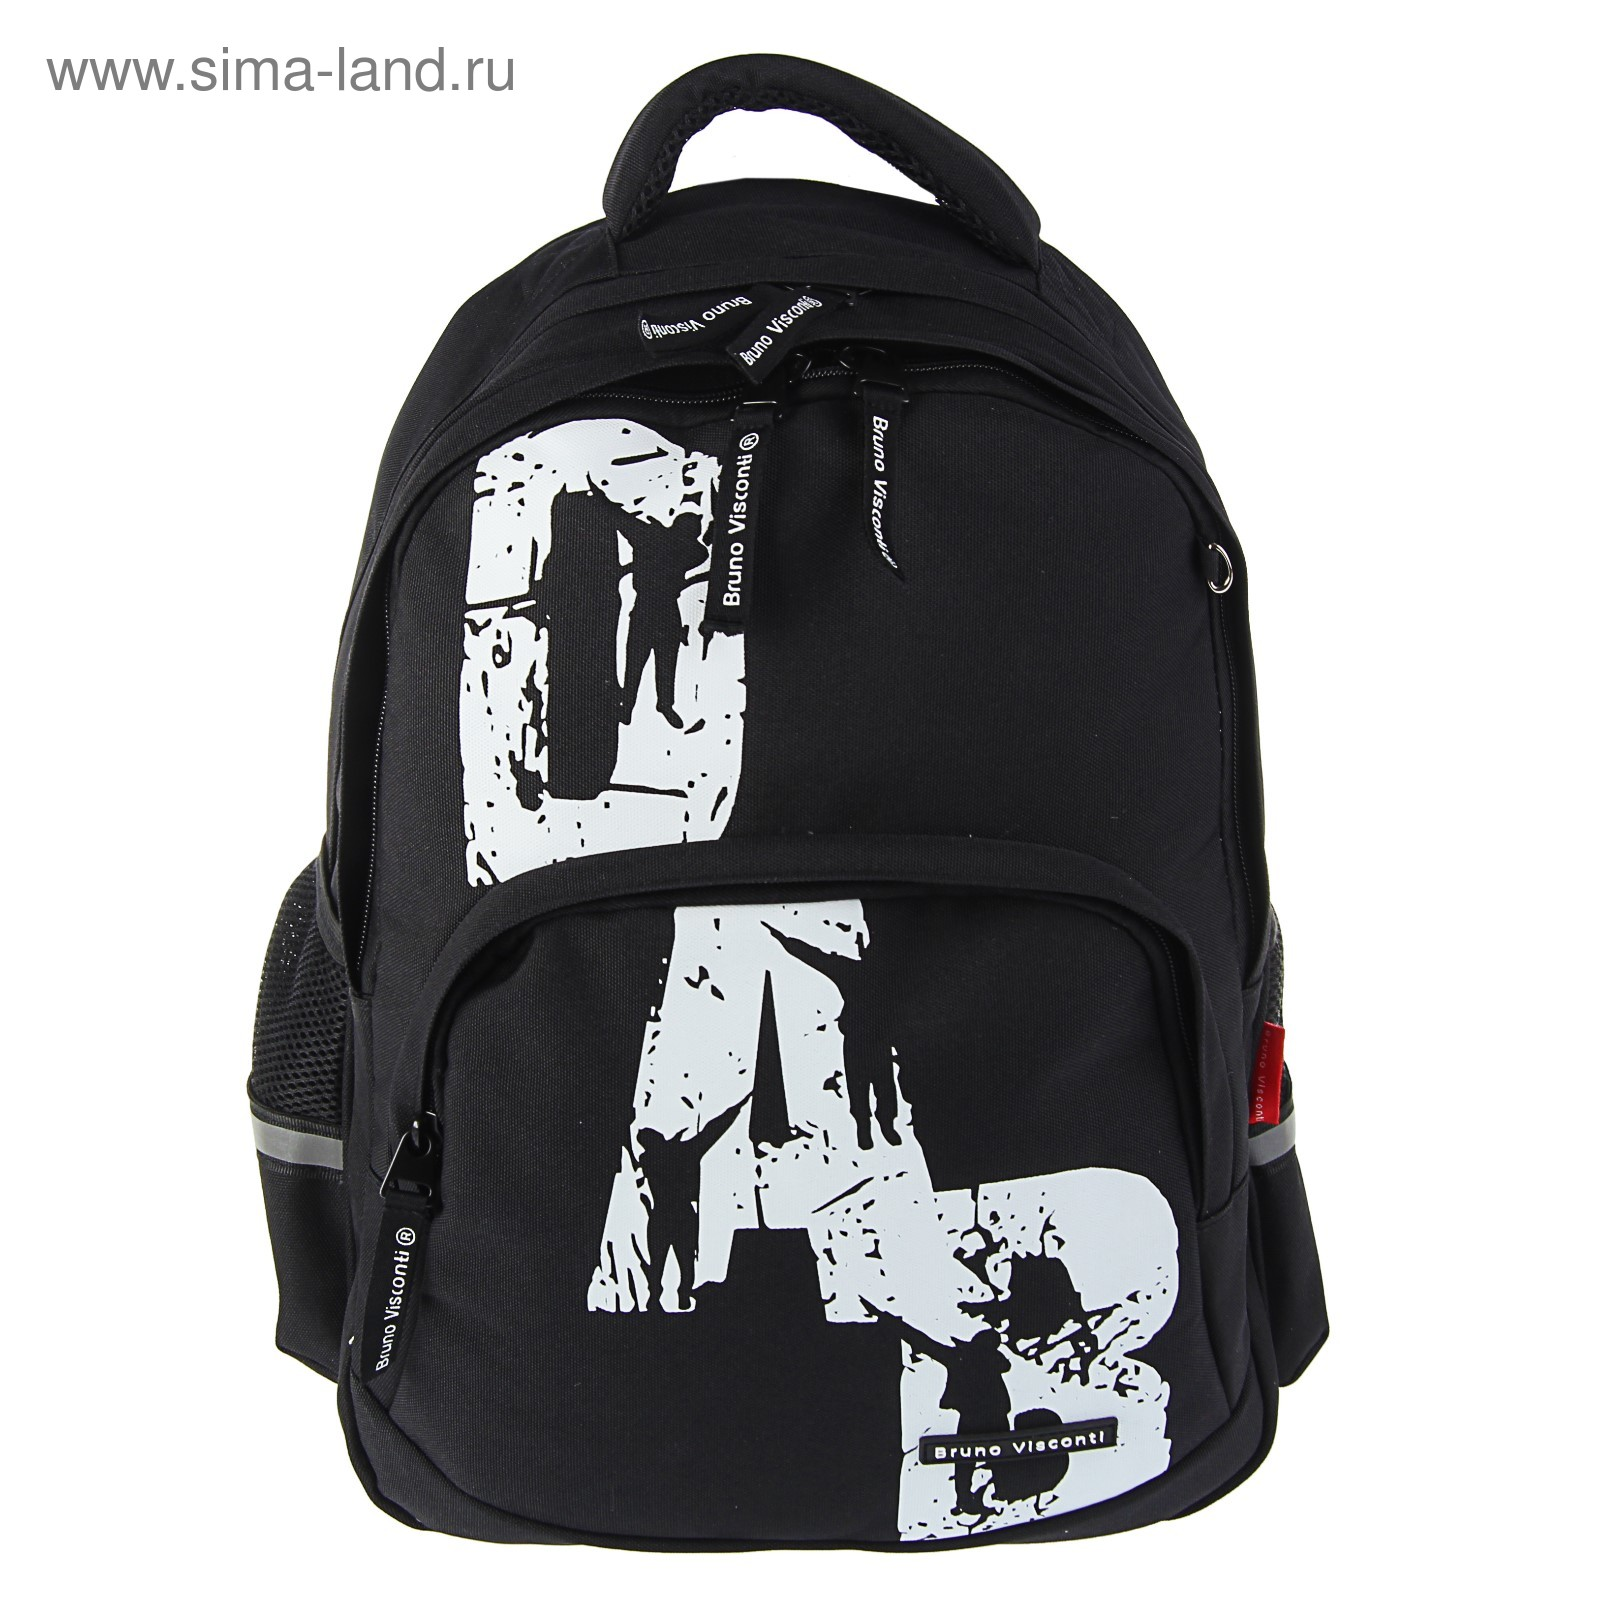 02945e4ff535 Рюкзак школьный эргономичная спинка 40 х 30 х 16 см Bruno Visconti DAB,  черный